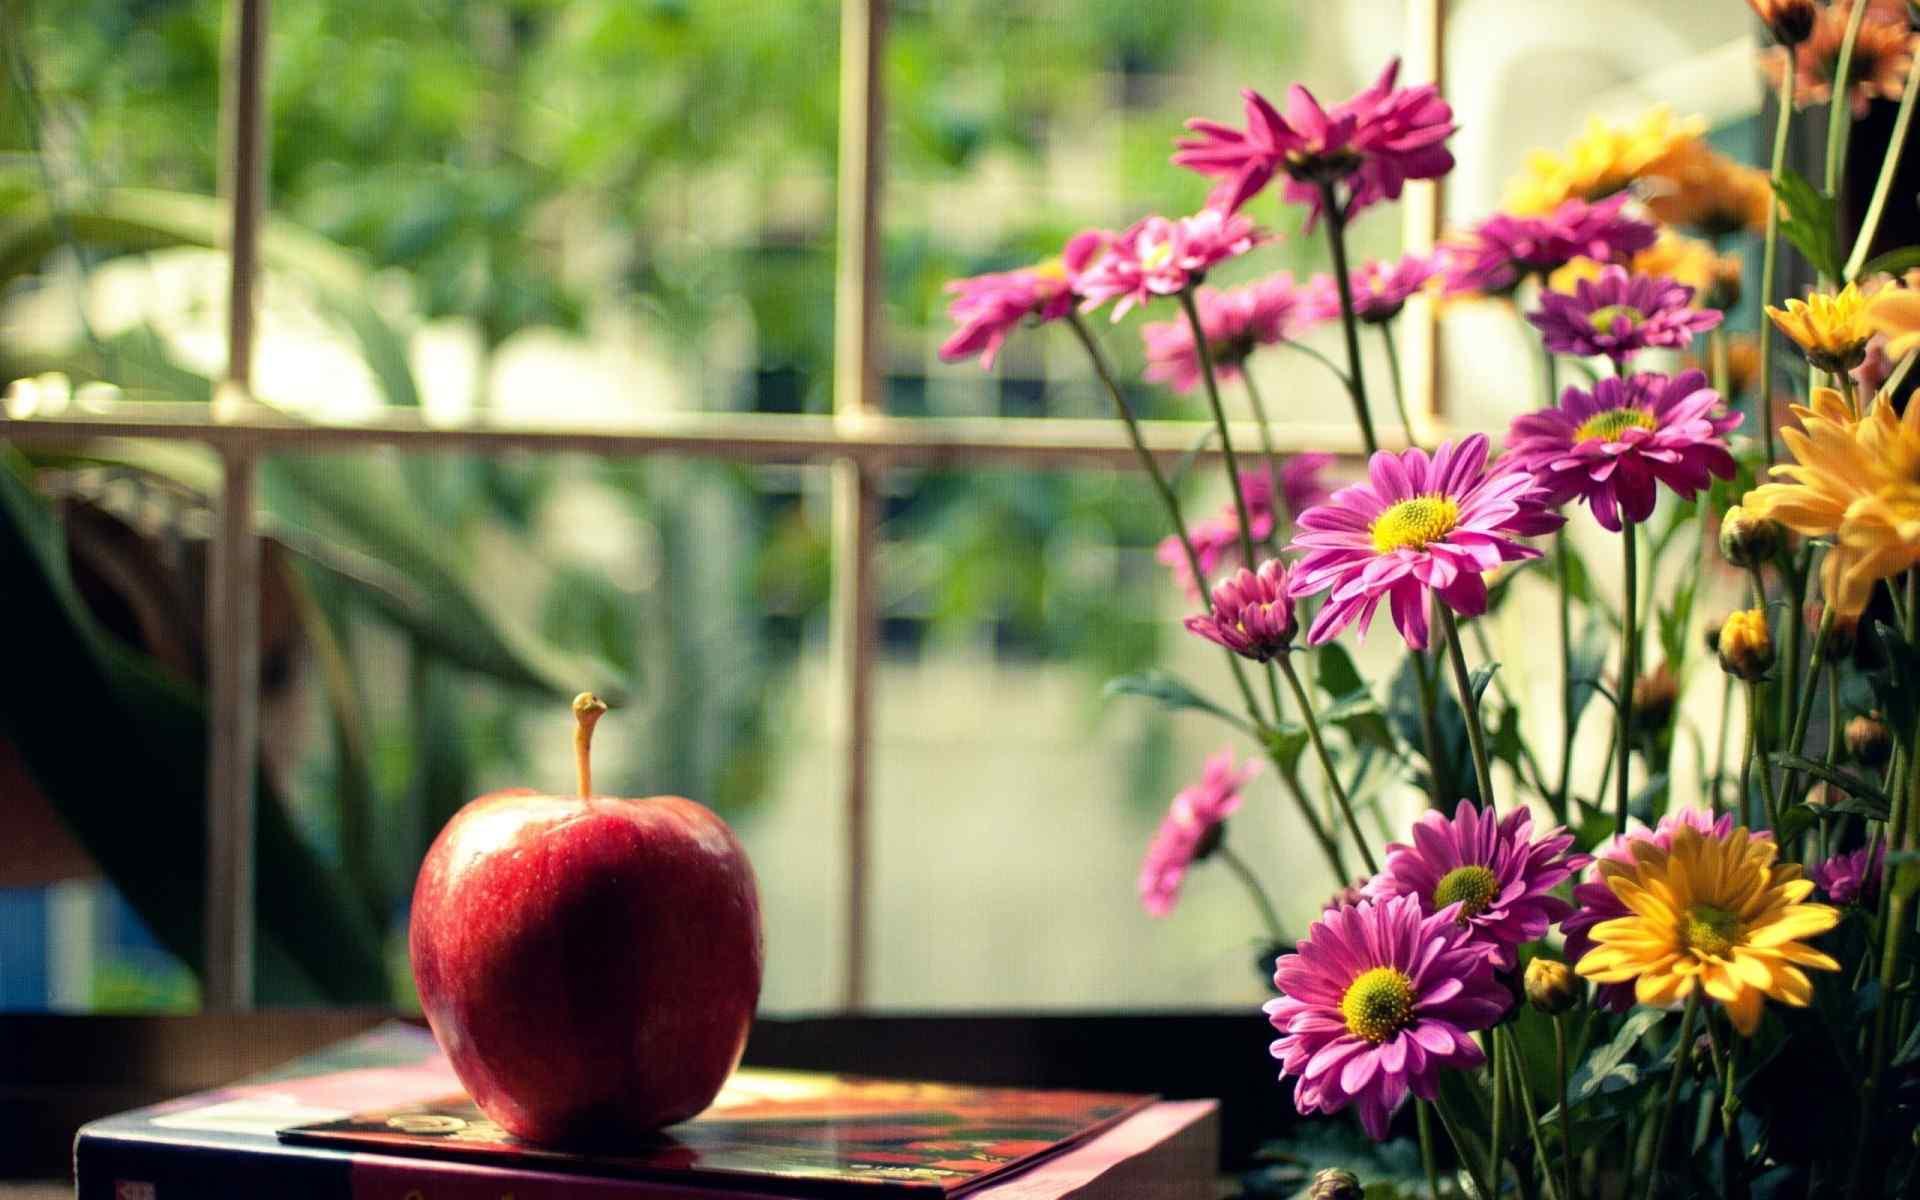 水果苹果壁纸 苹果高清图片 苹果摄影特写